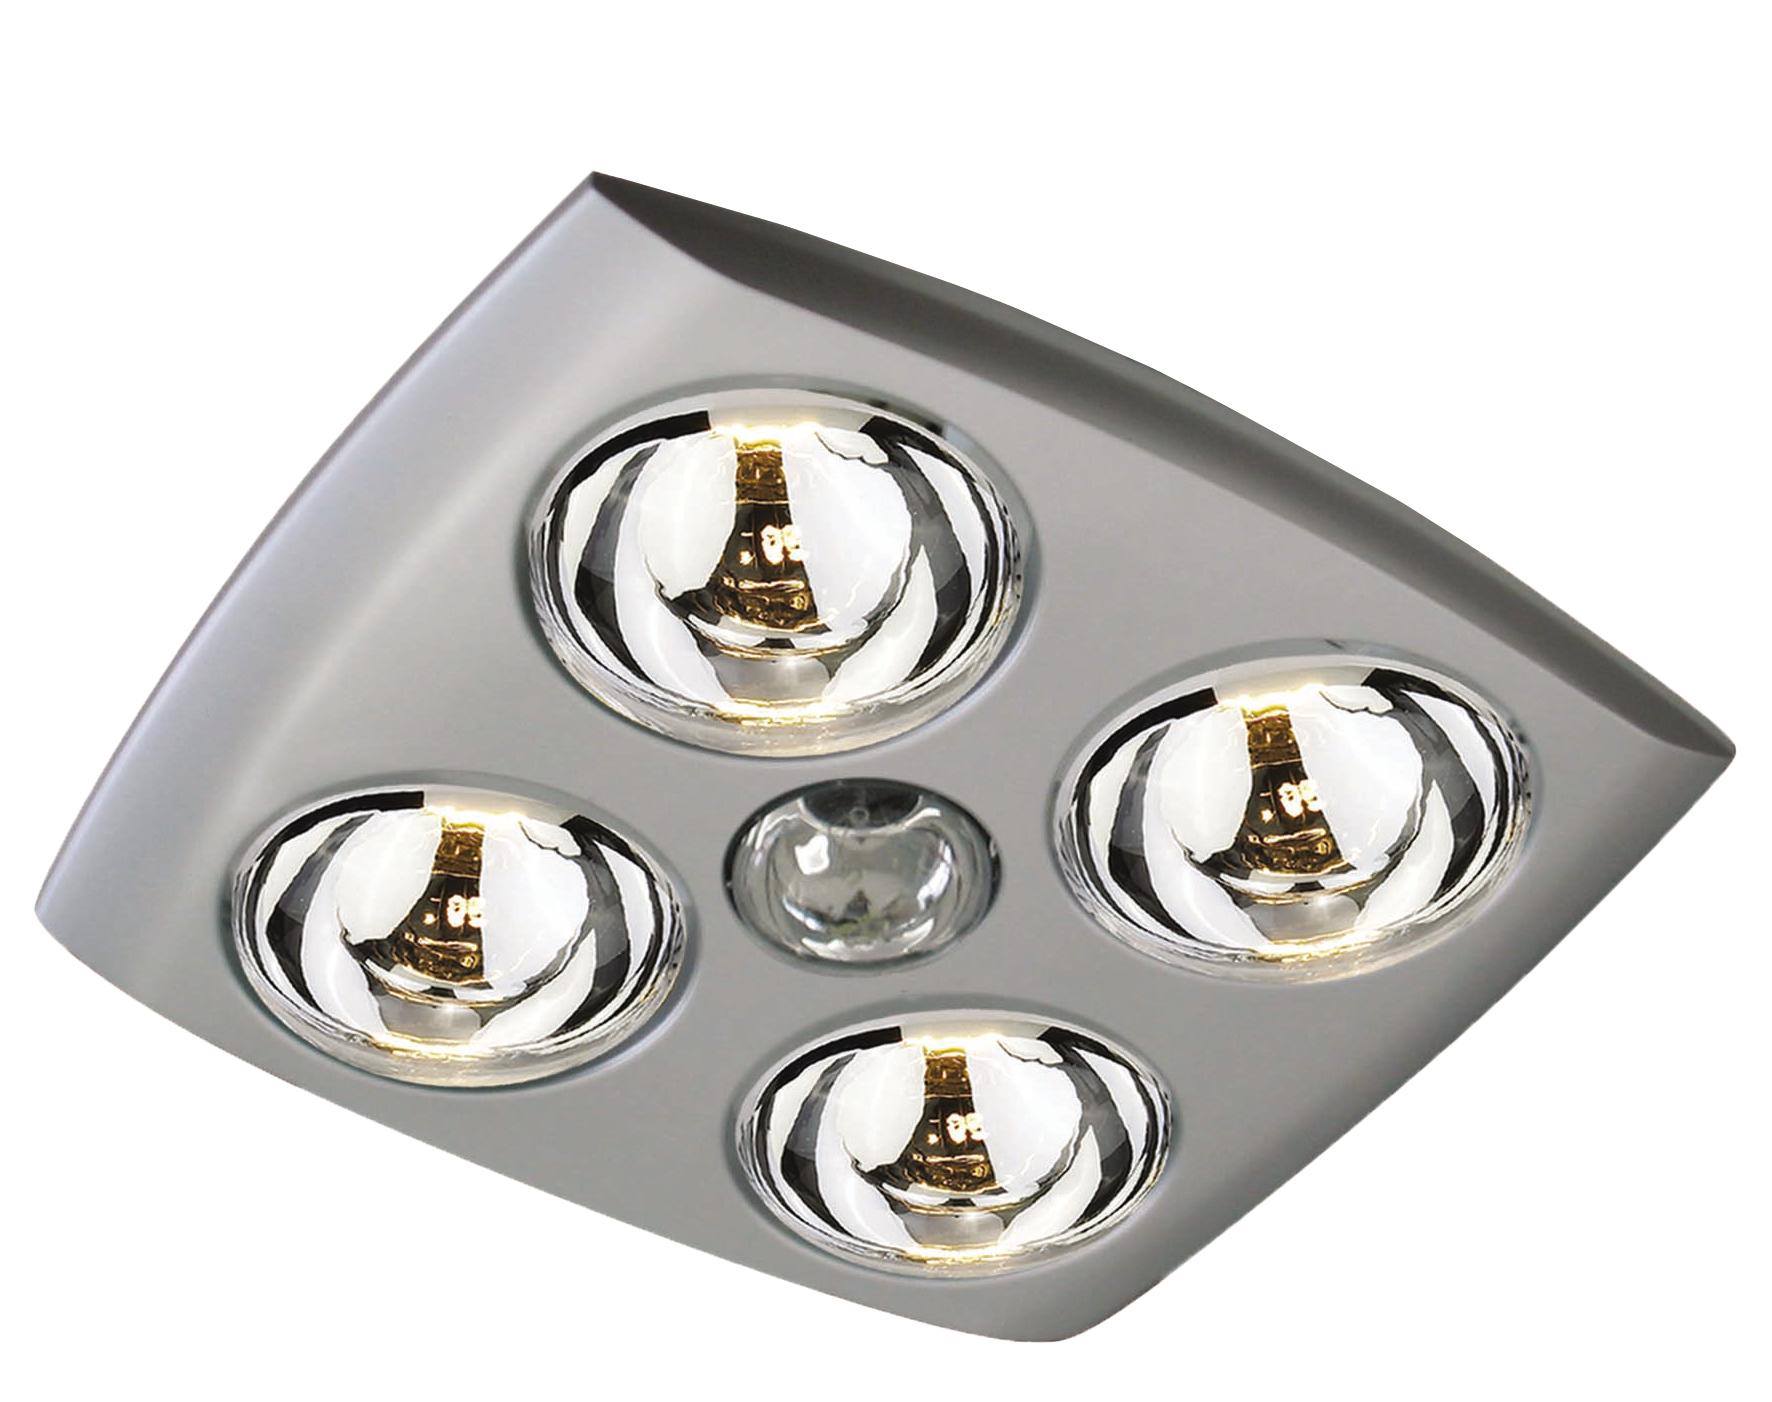 Hpm Exhaust Fan Light Bunnings • Cabinet Ideas